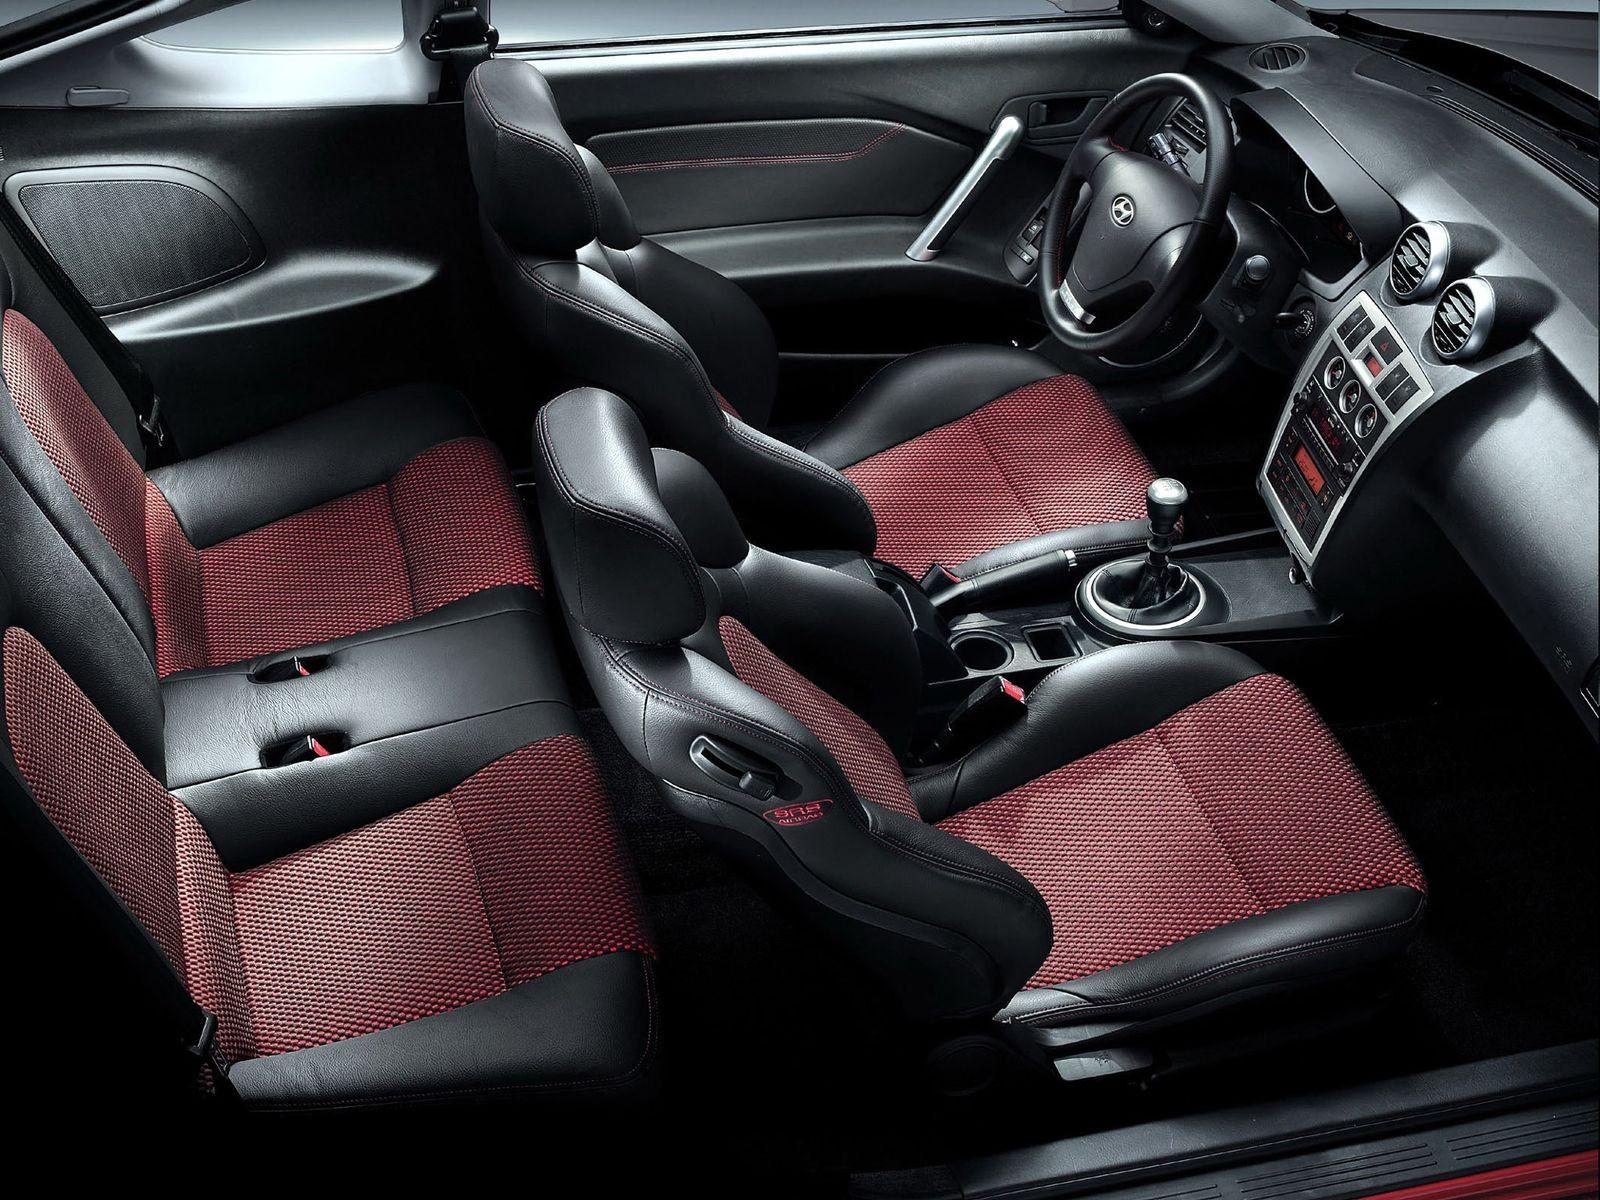 Карамель в шоколаде: стоит ли покупать Hyundai Coupe за 500 тысяч